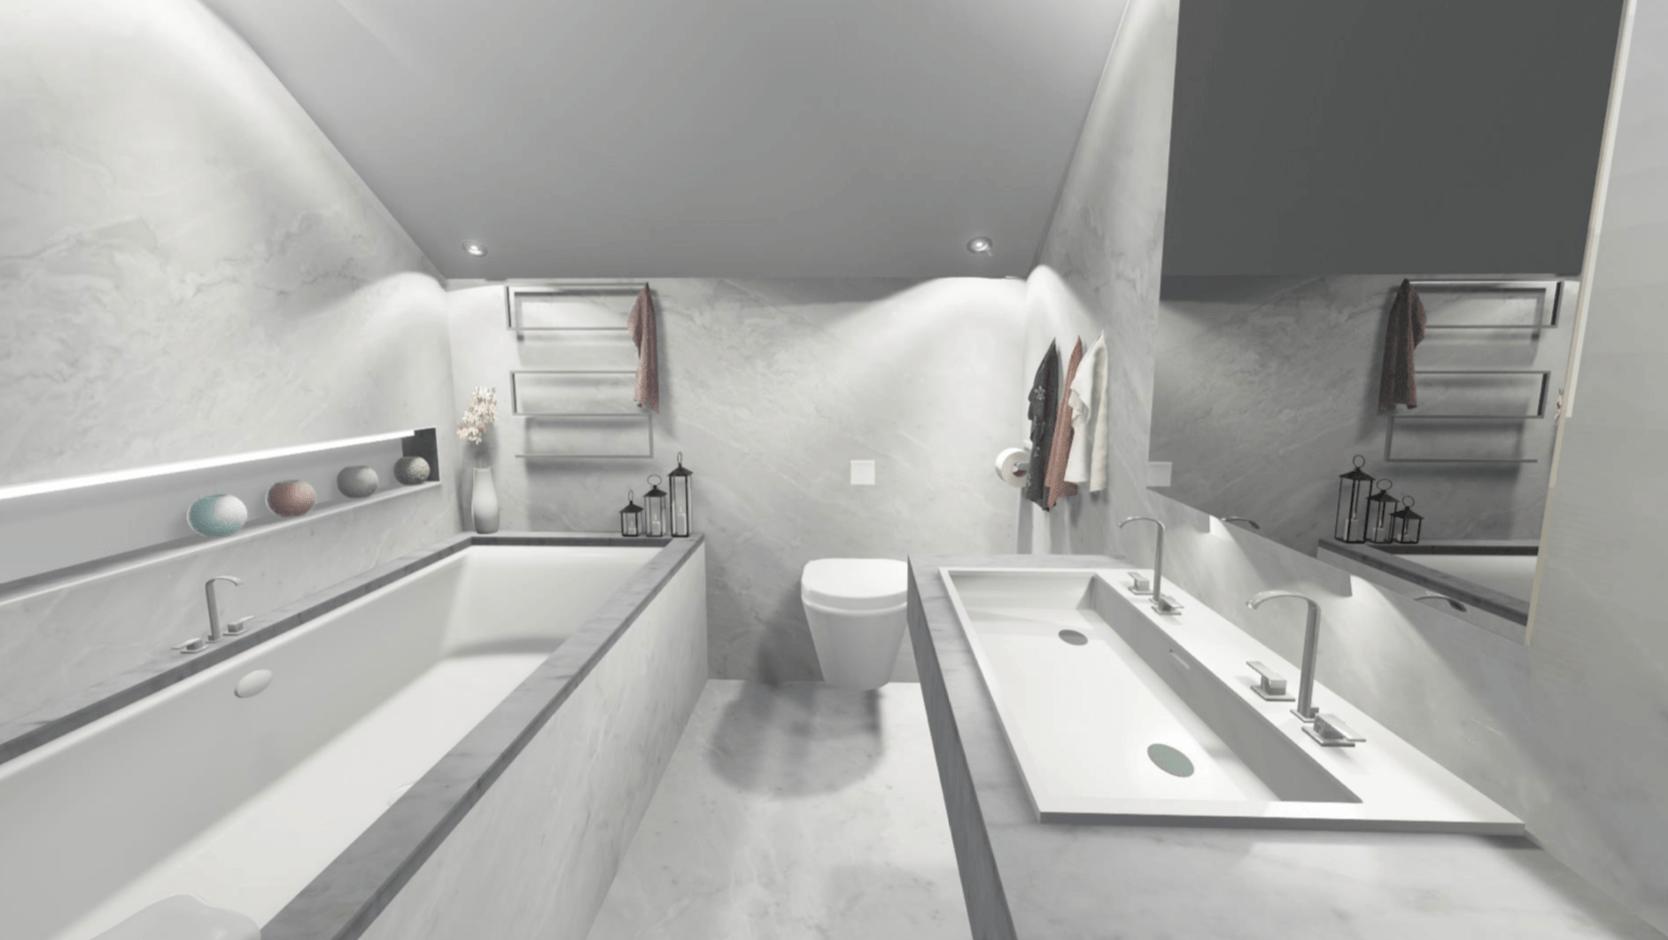 26 Lincoln Avenue New Build bathroom